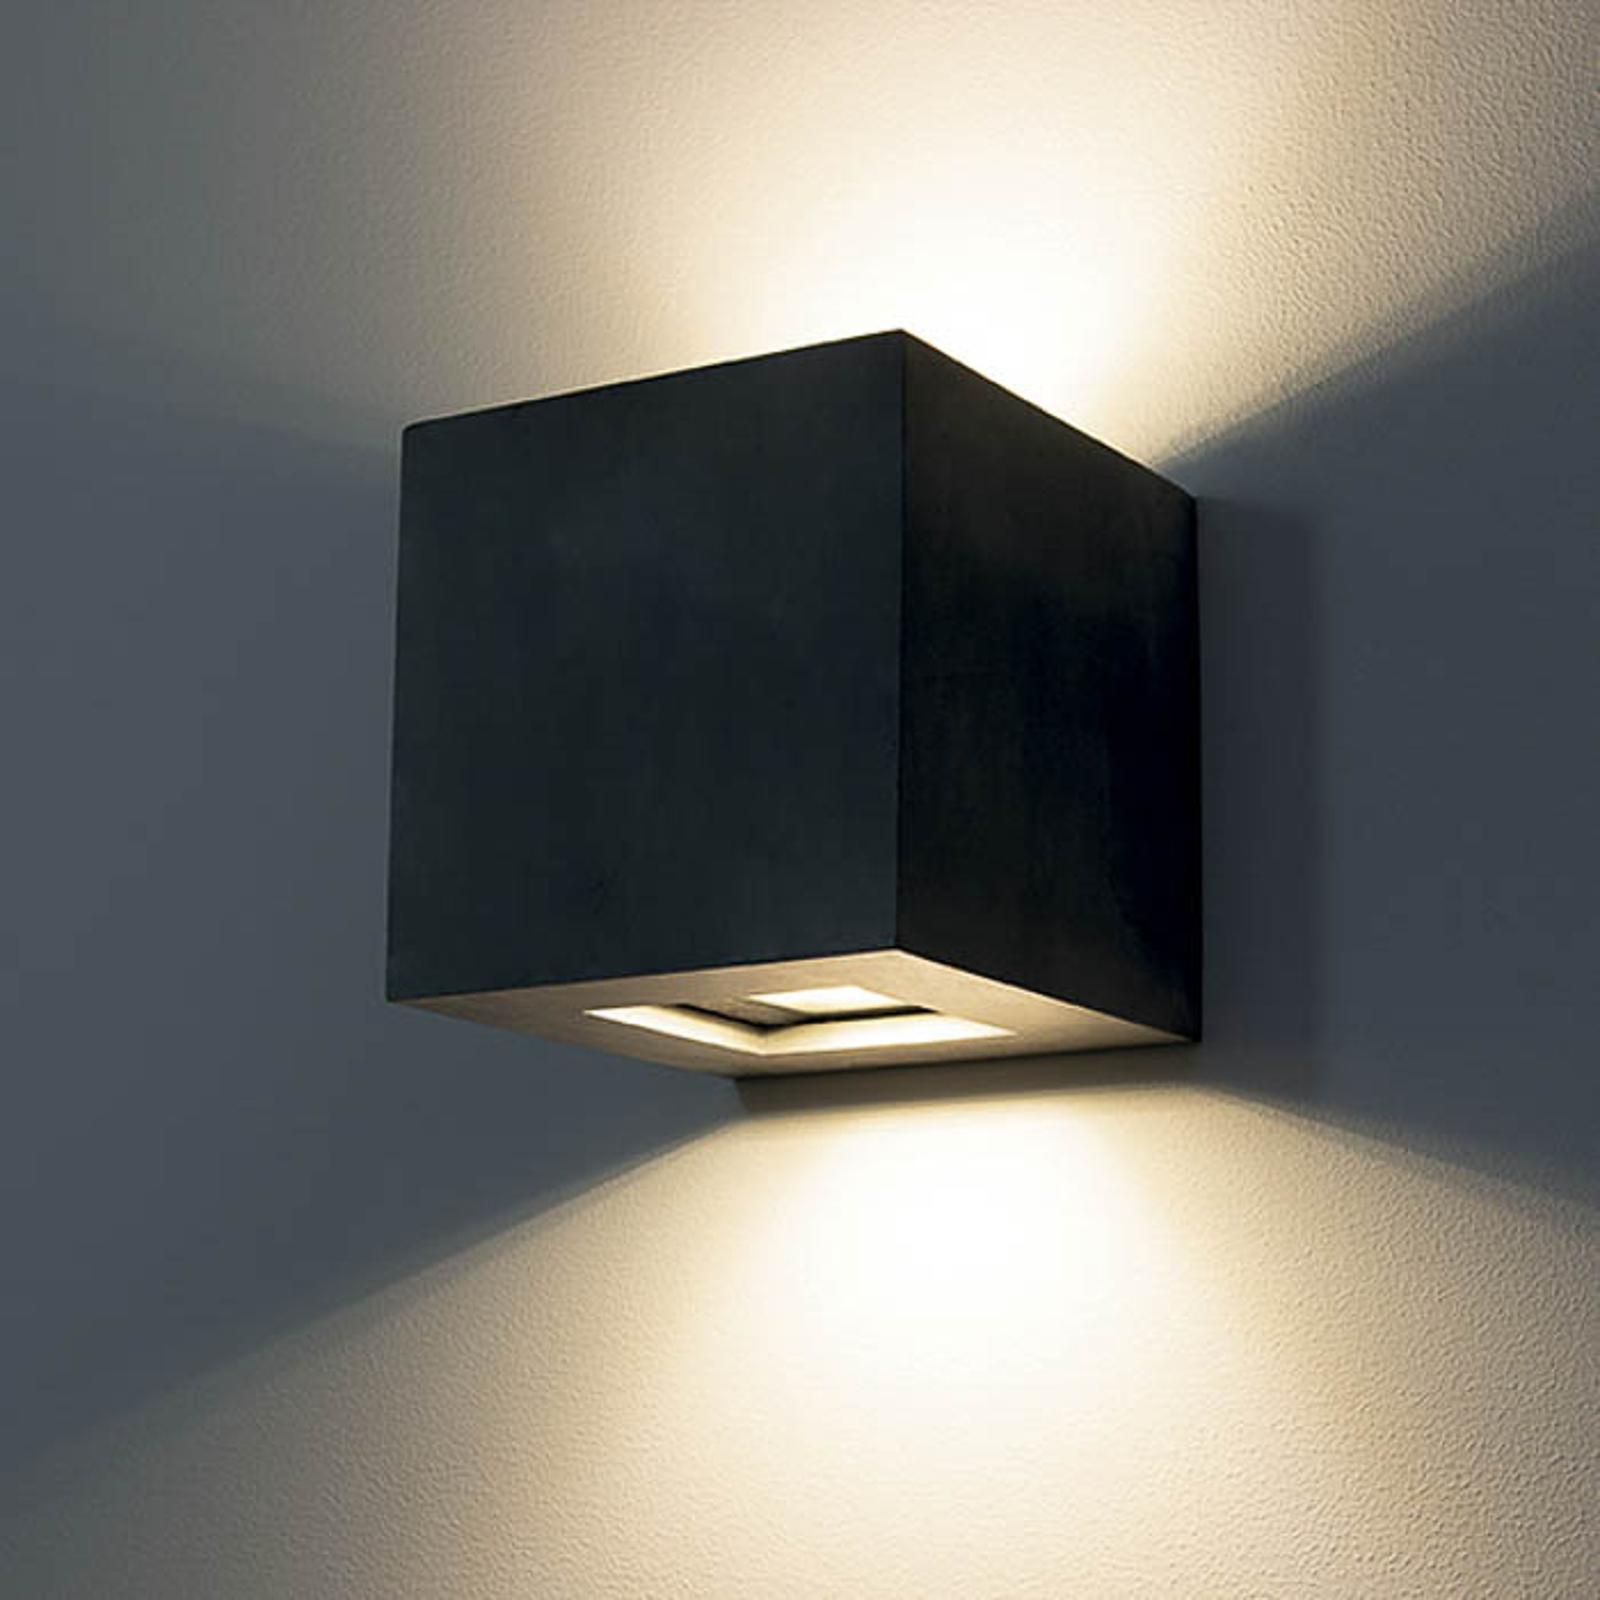 LED-Außenwandleuchte 1092 up & down, schwarz